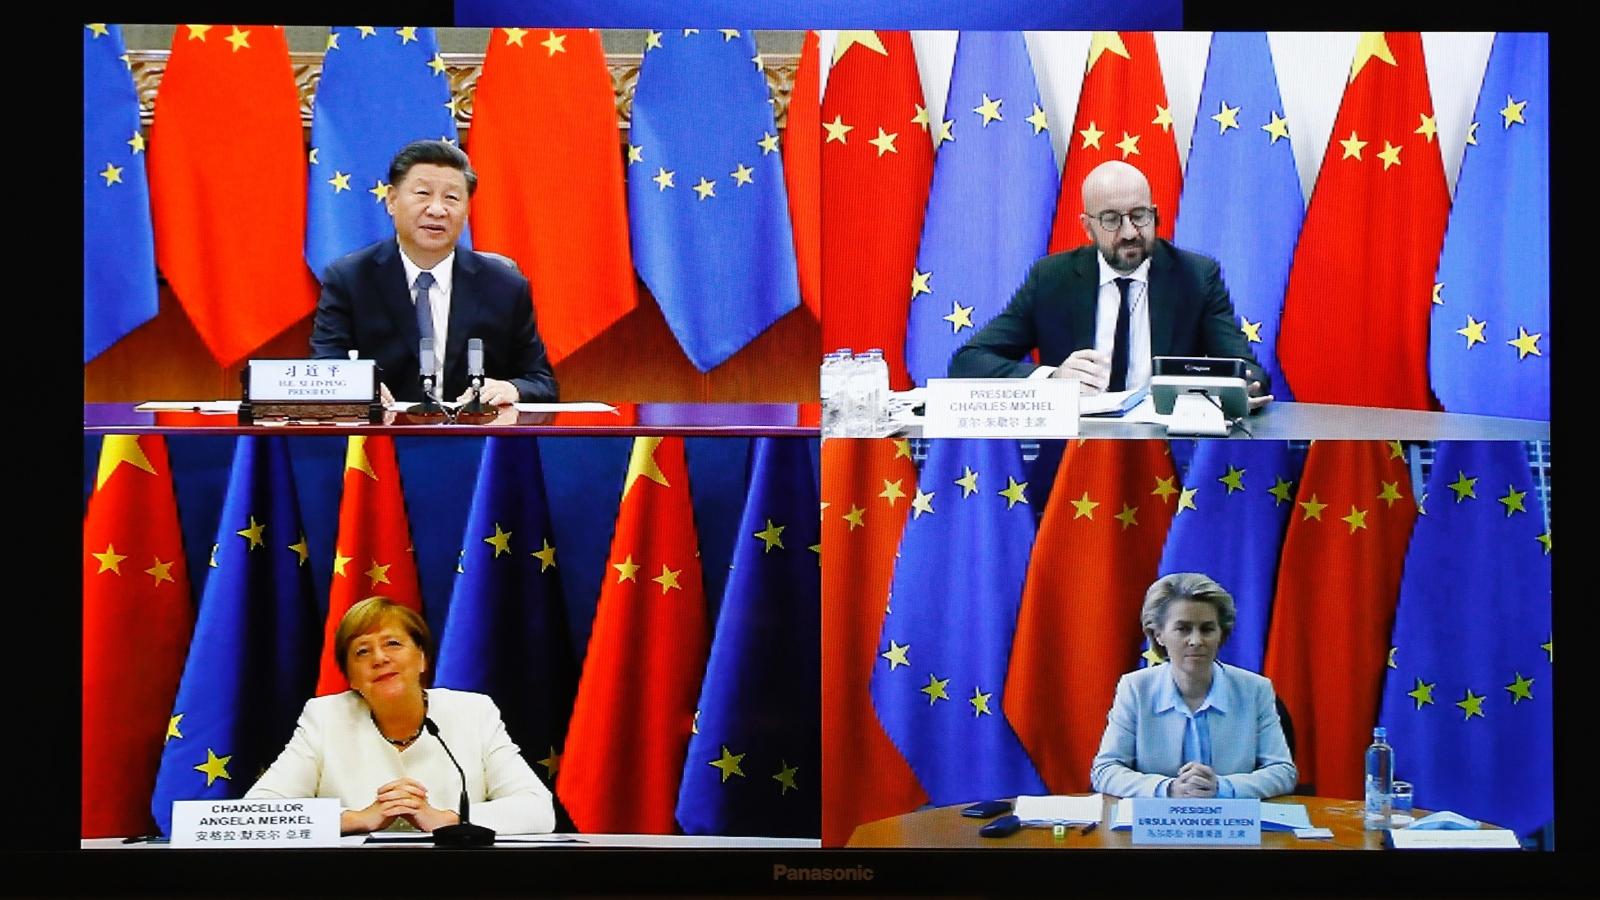 Châu Âu cân bằng mối quan hệ với Mỹ và Trung Quốc bằng cách nào?